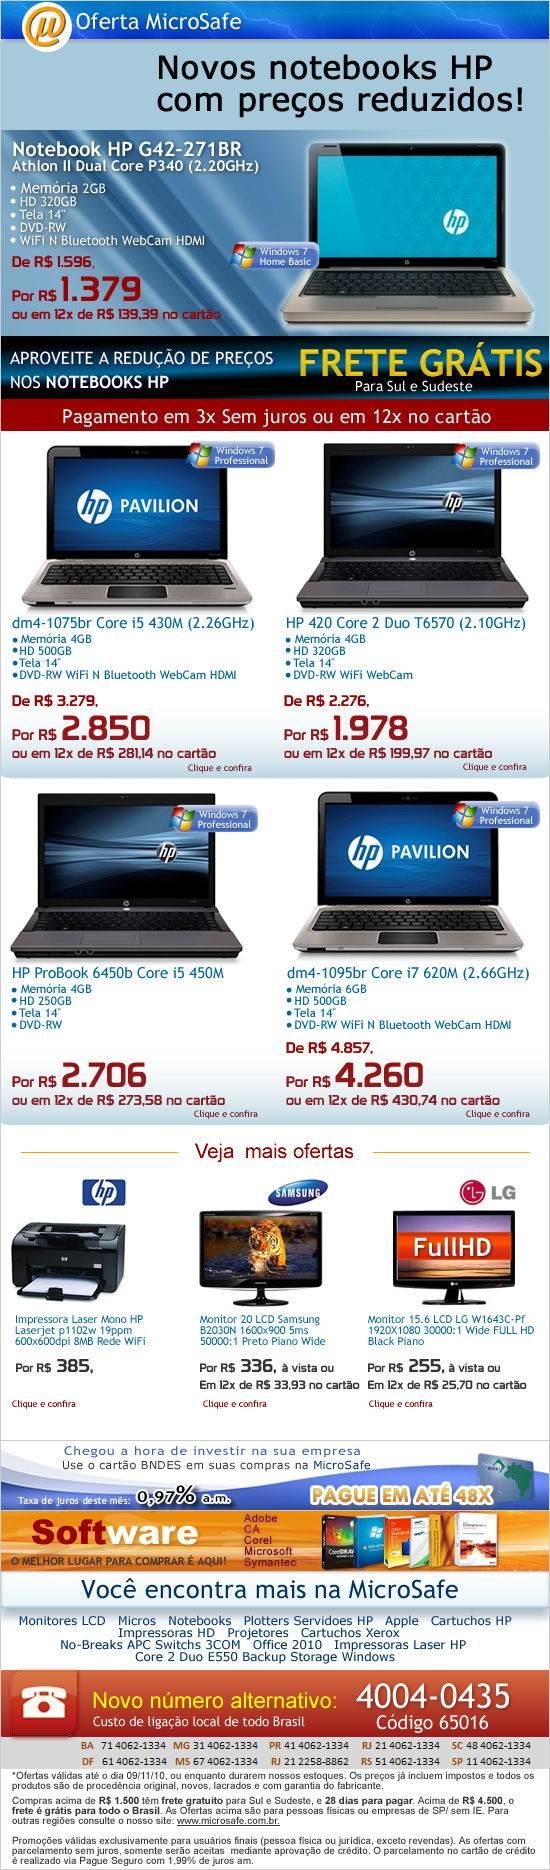 Notebooks HP com preços reduzidos!